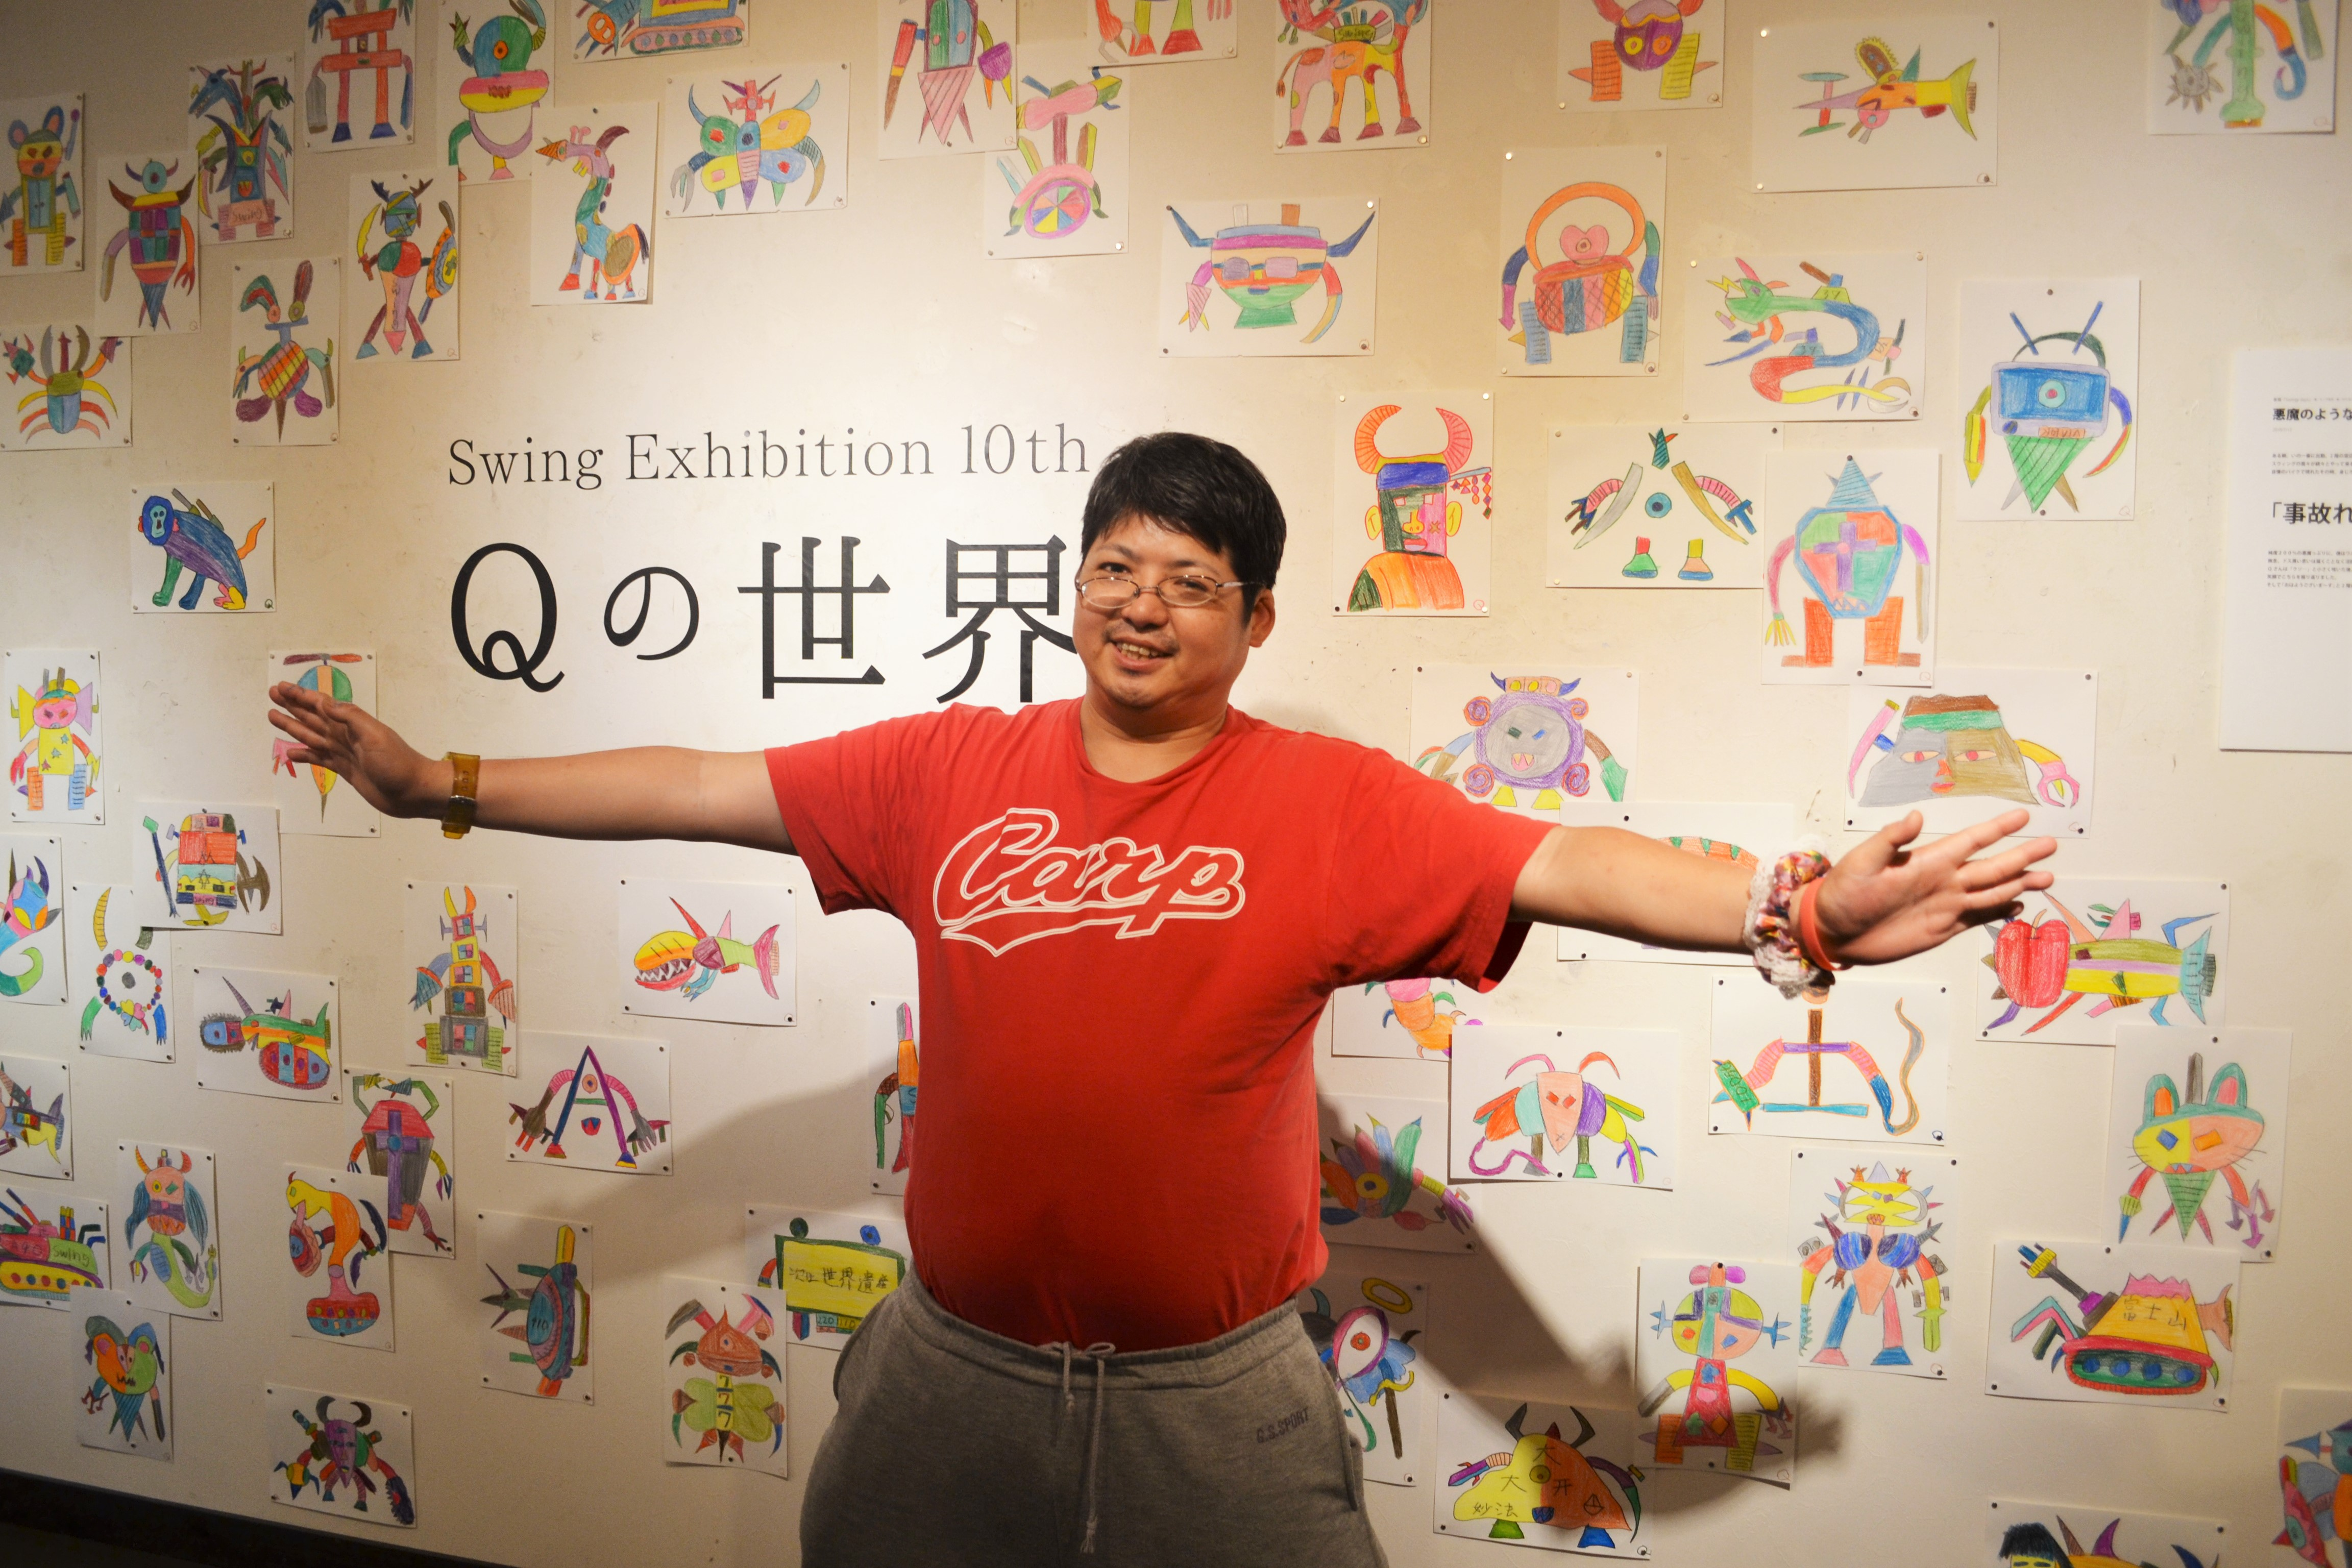 色々なものを合体させた絵を描くQさん。「オレたちひょうげん族」の草創期から活躍する。今年の5月には初の個展「Qの世界」を「恵文社一乗寺店」にて開催。